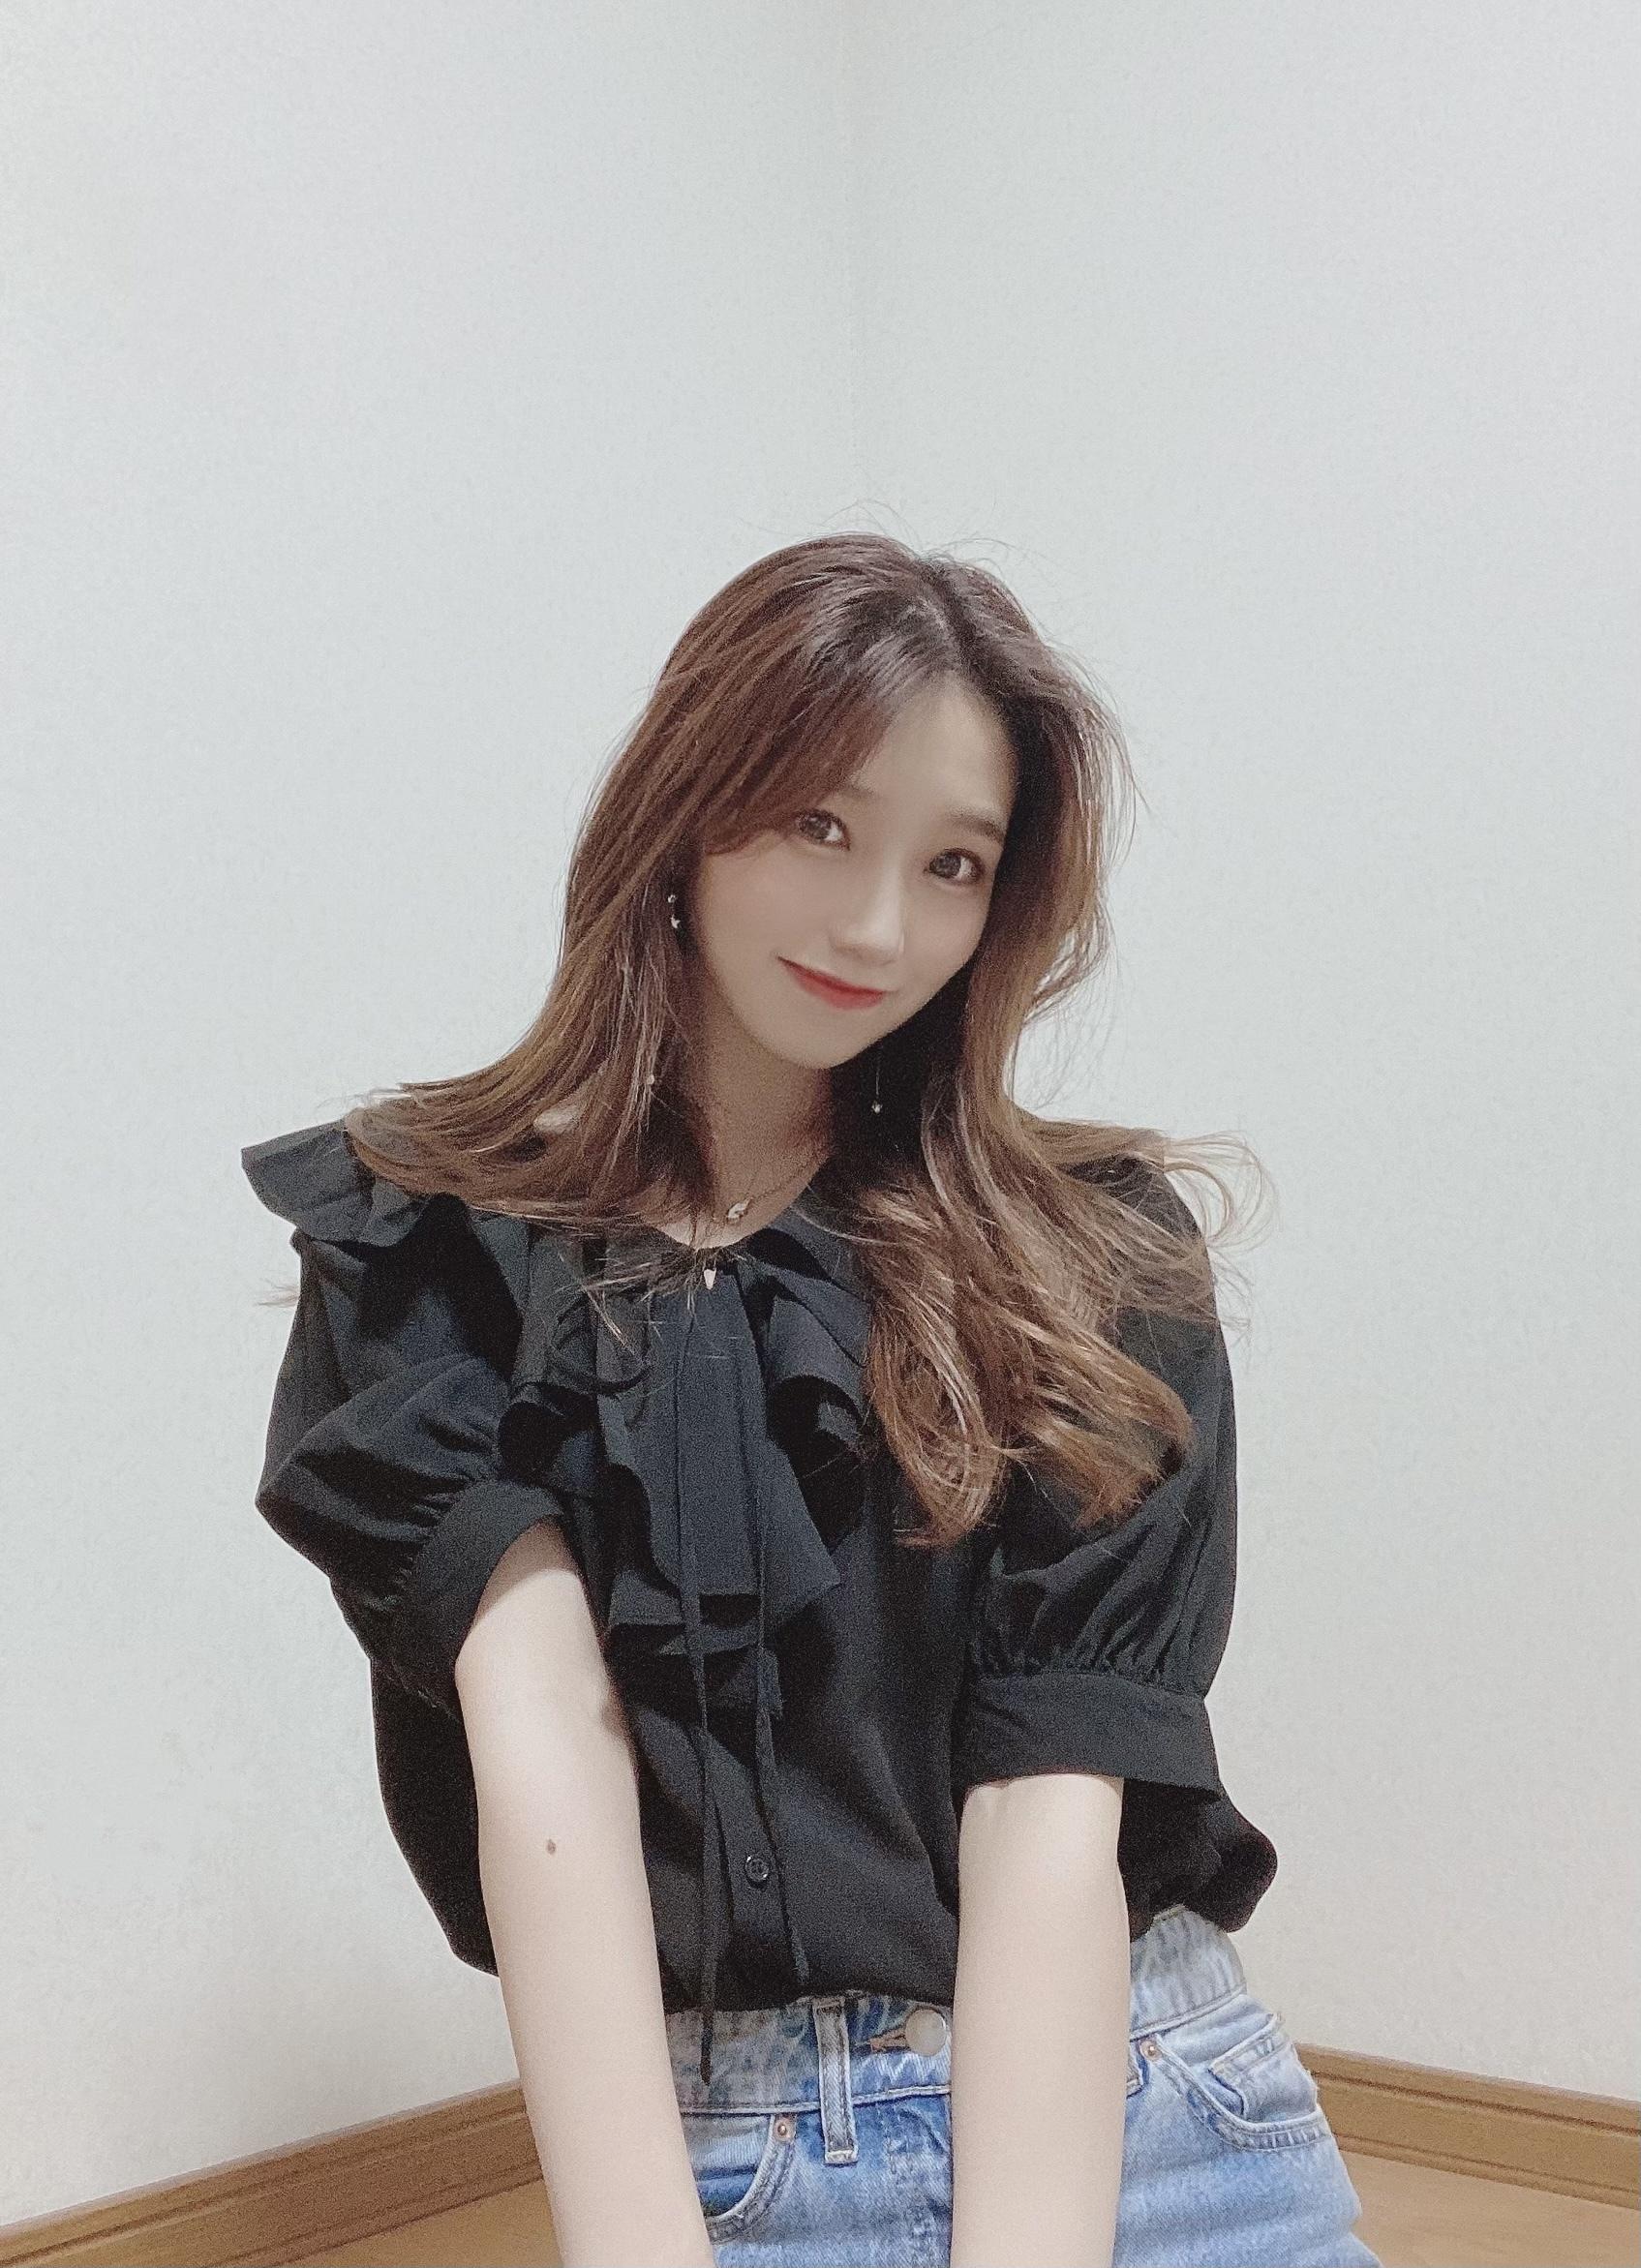 【GU】プチプラ春夏服が可愛いすぎる♡_1_5